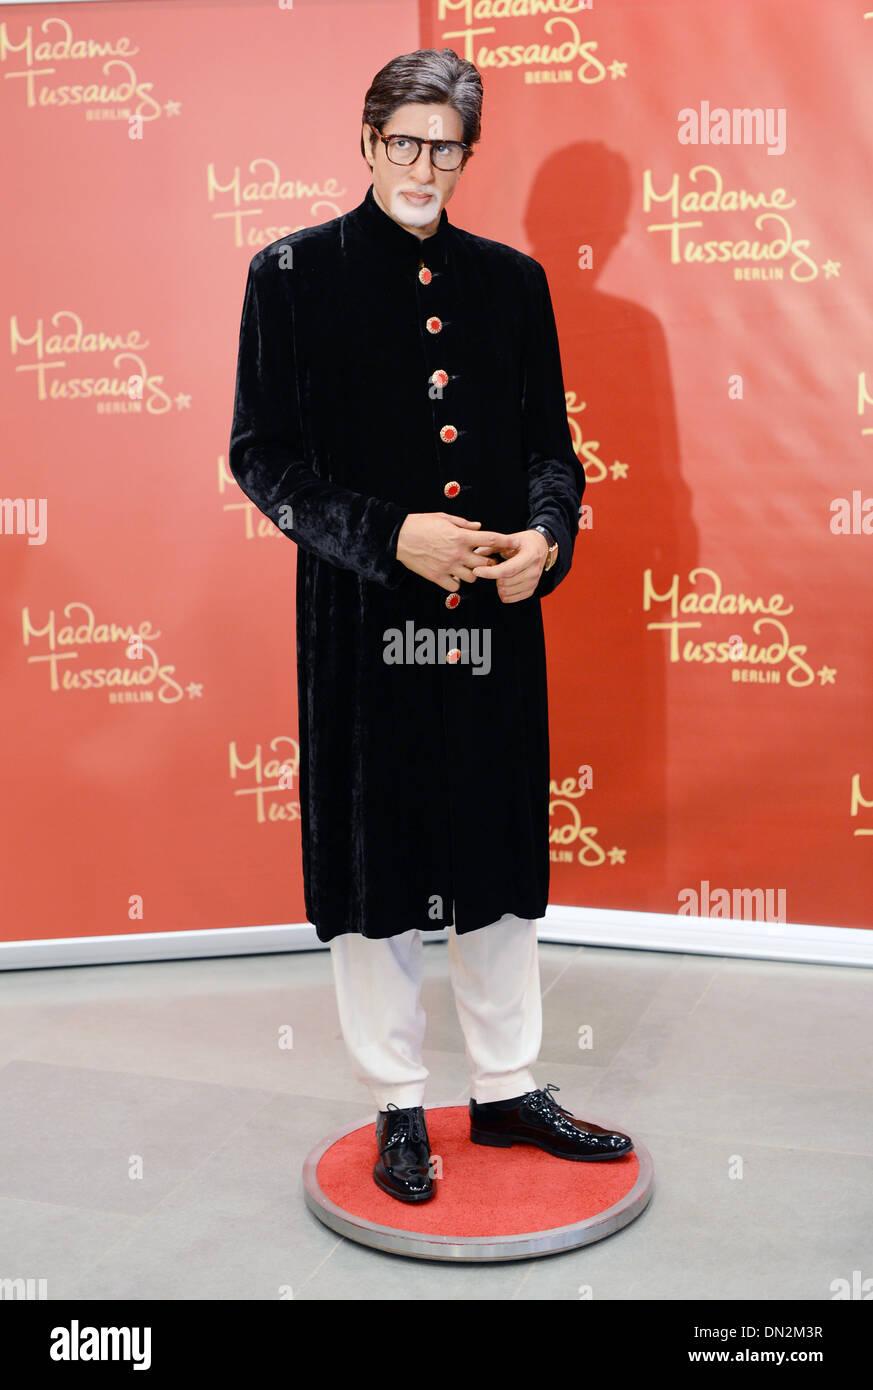 Kareena Kapoor Stock Photos & Kareena Kapoor Stock Images